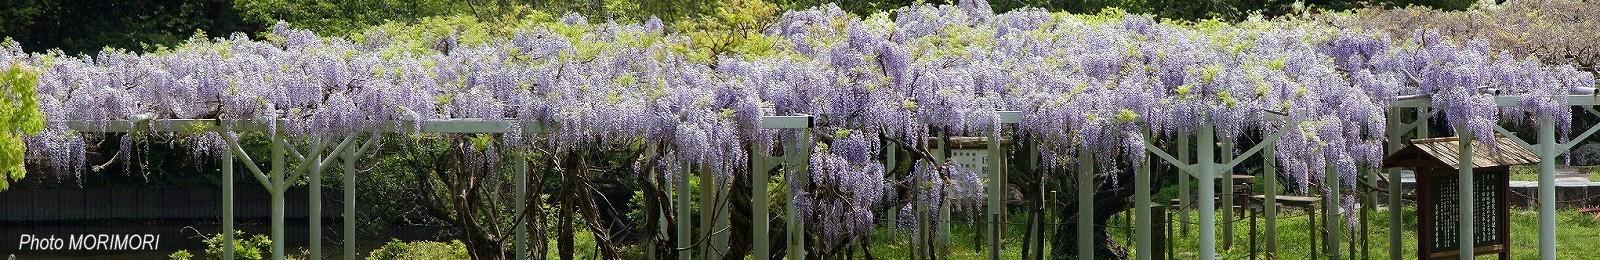 宮崎神宮の藤の花 フジ パノラマ写真